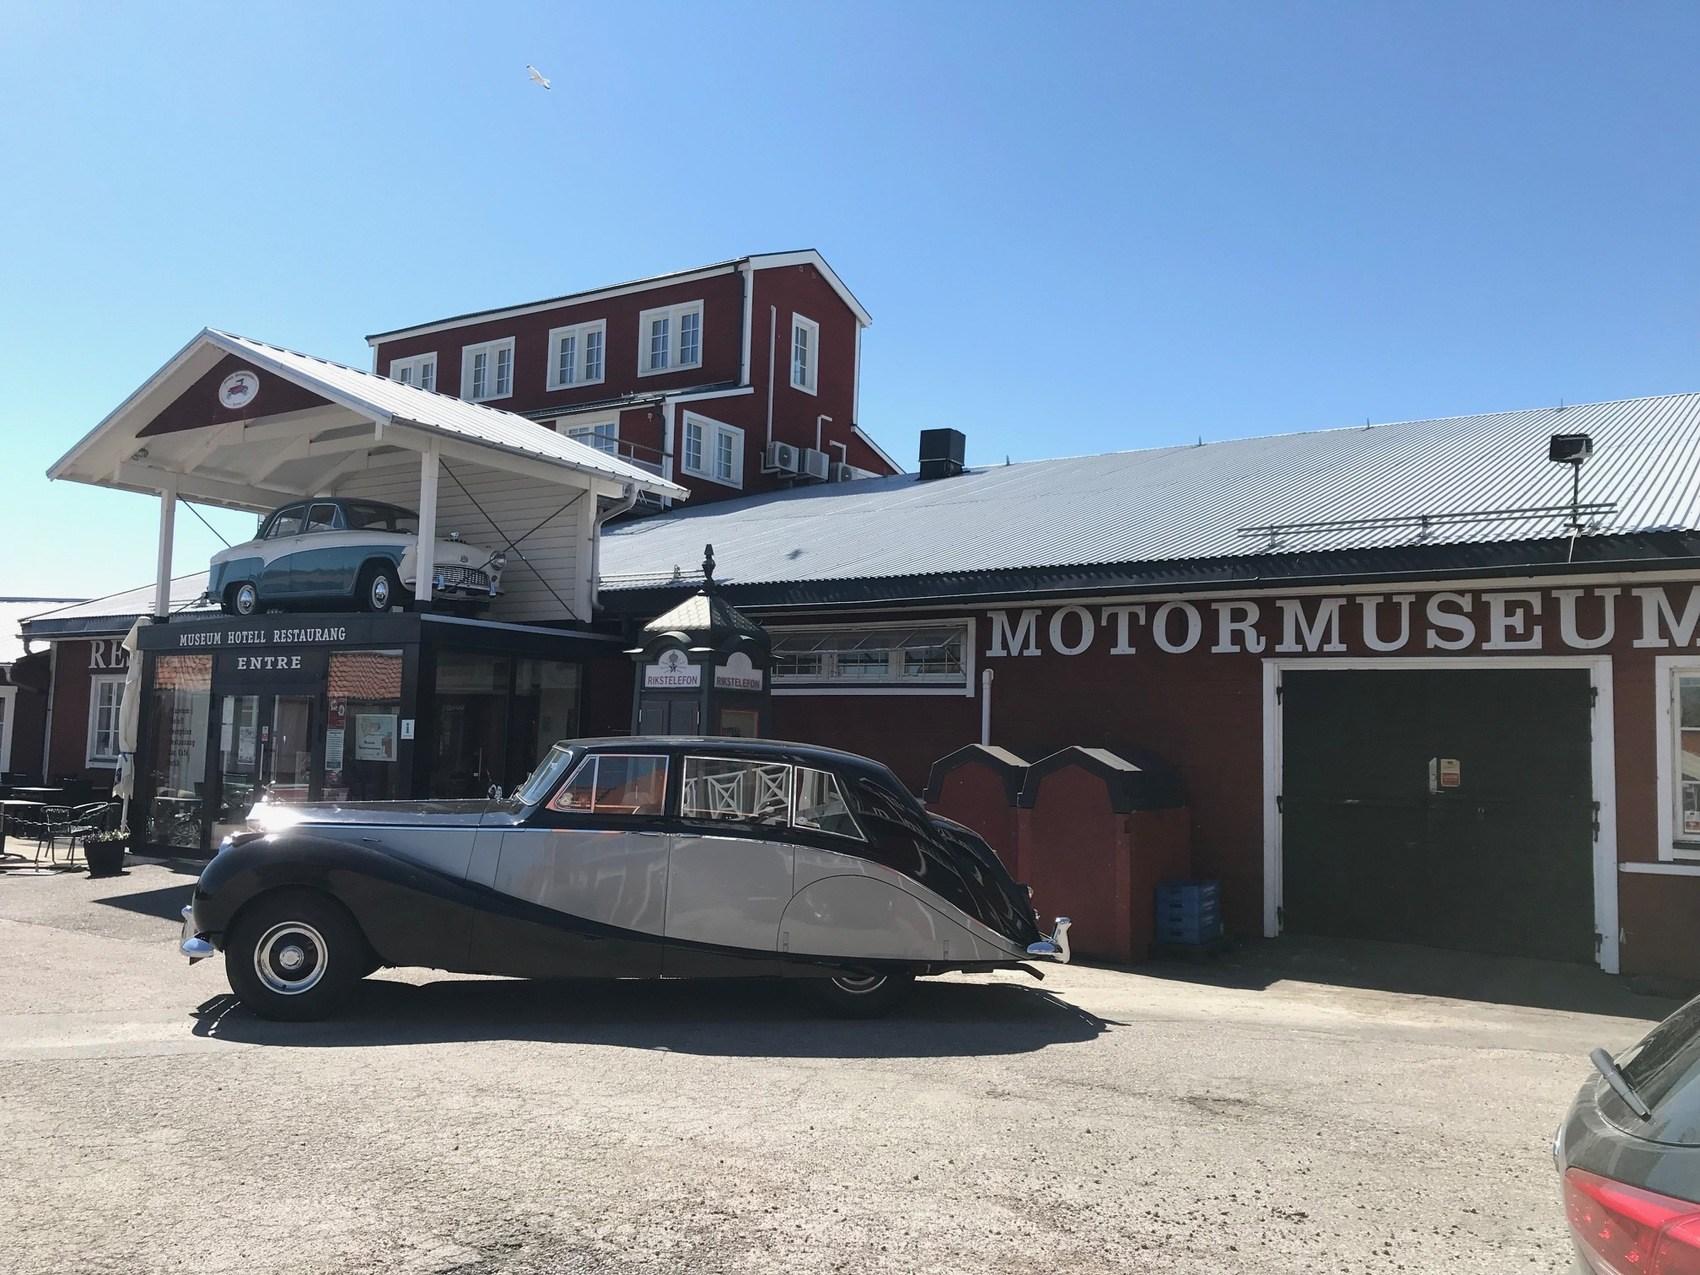 En fin gammal bil står framför Motala Motormuseums entré